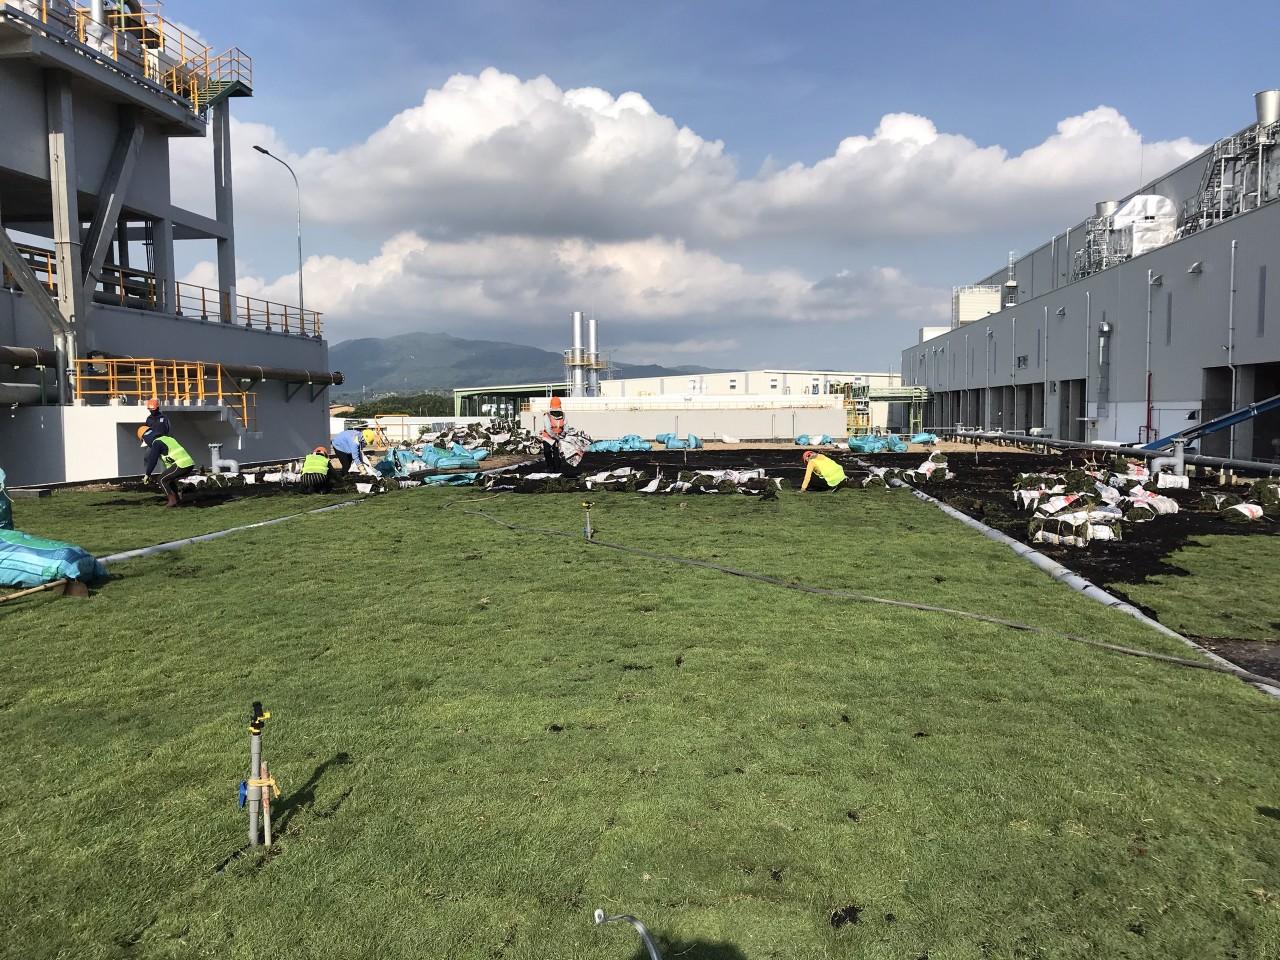 Thi công trồng cỏ cho khu công nghiệp với An Khang